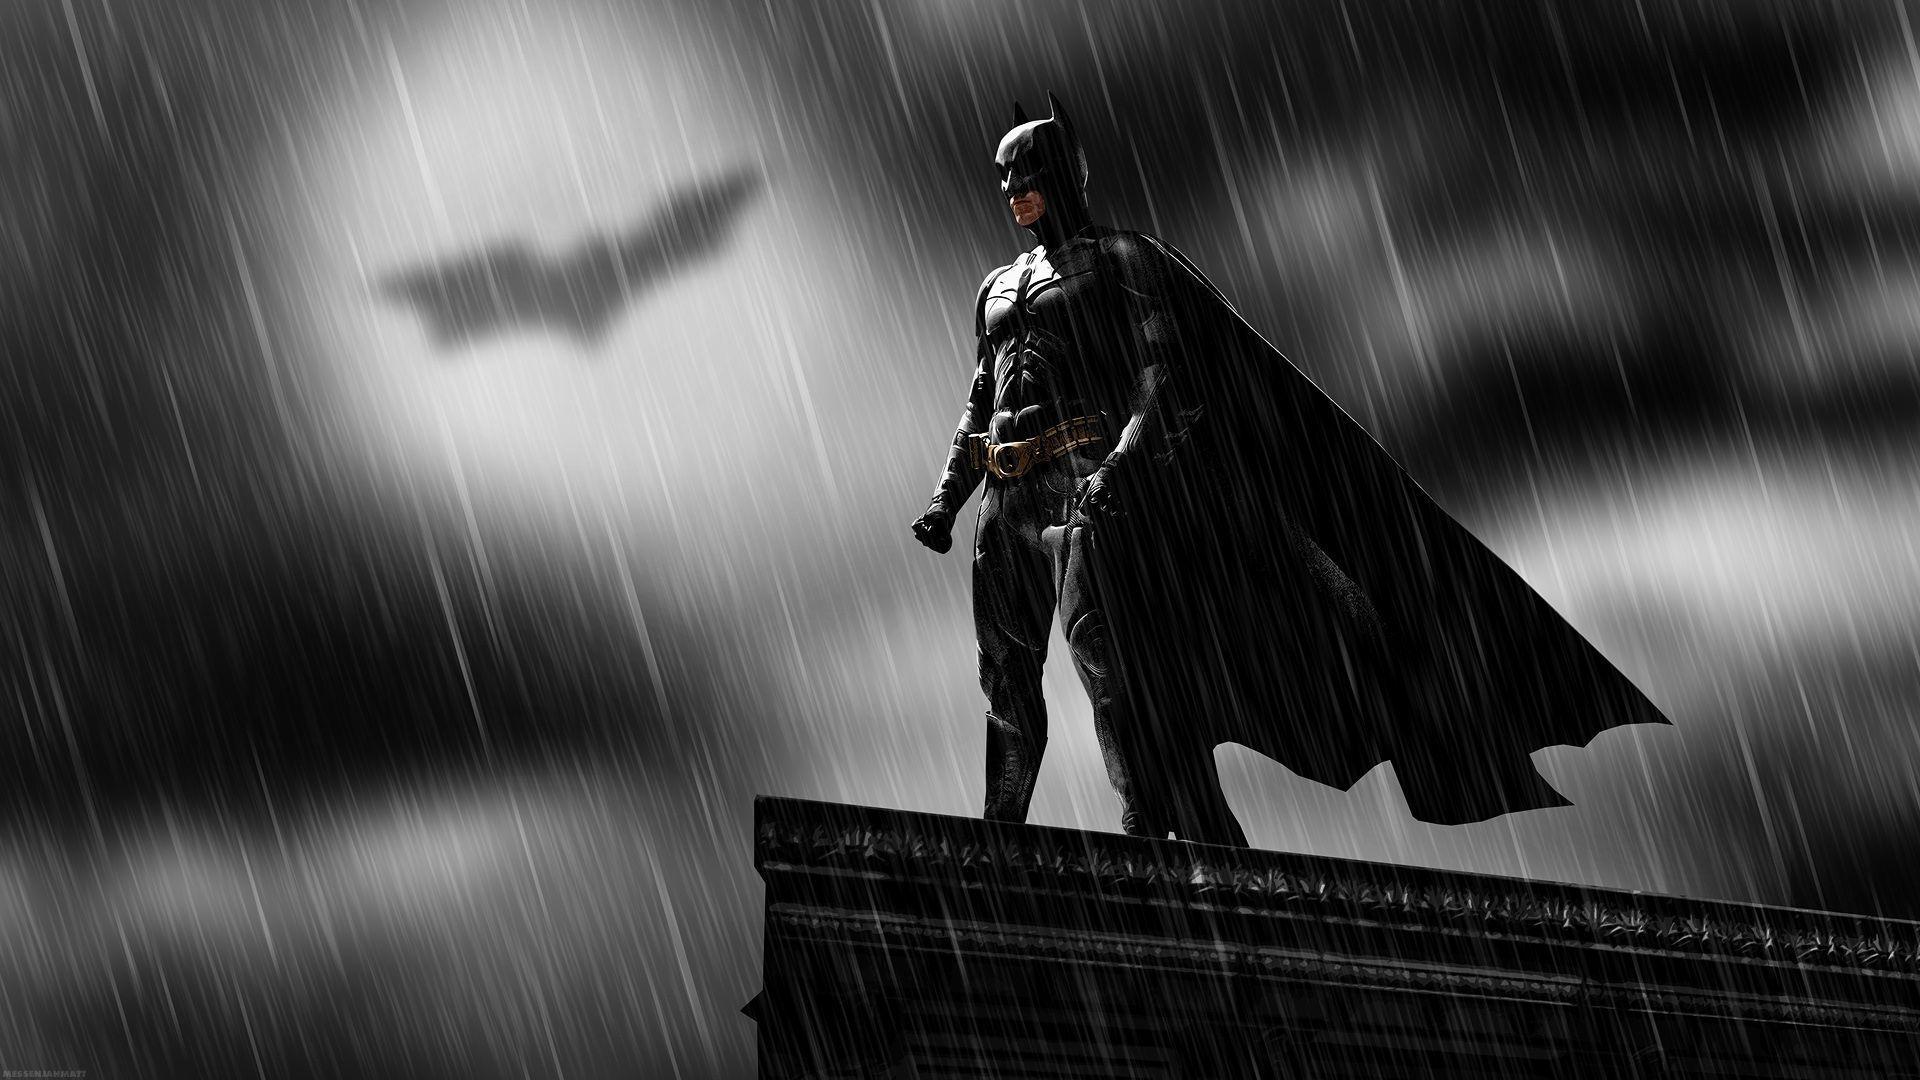 Batman 3d Wallpaper High Quality Resolution Batman 3d Wallpapers Batman Wallpaper Iphone Batman Wallpaper Hd Batman Wallpaper